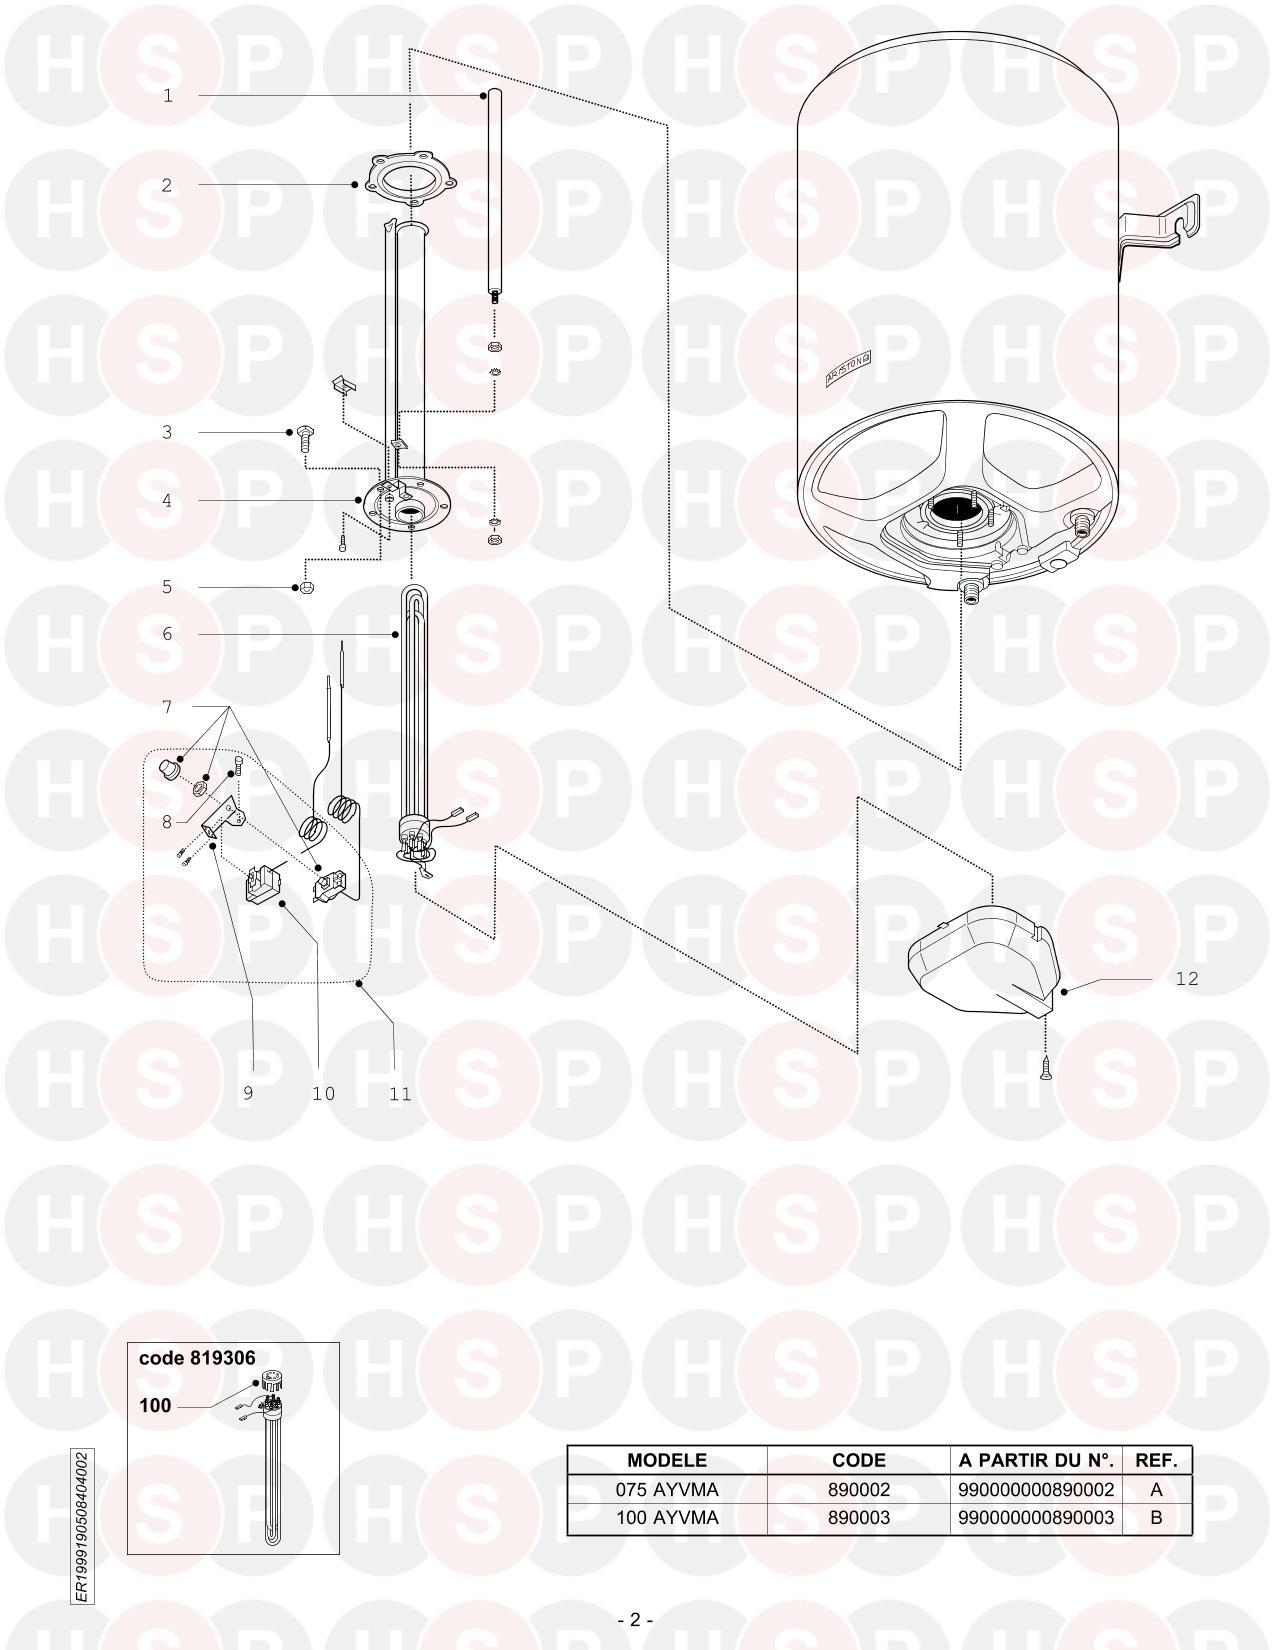 Ariston 100 AYVMA from Serial No. 990000000890003